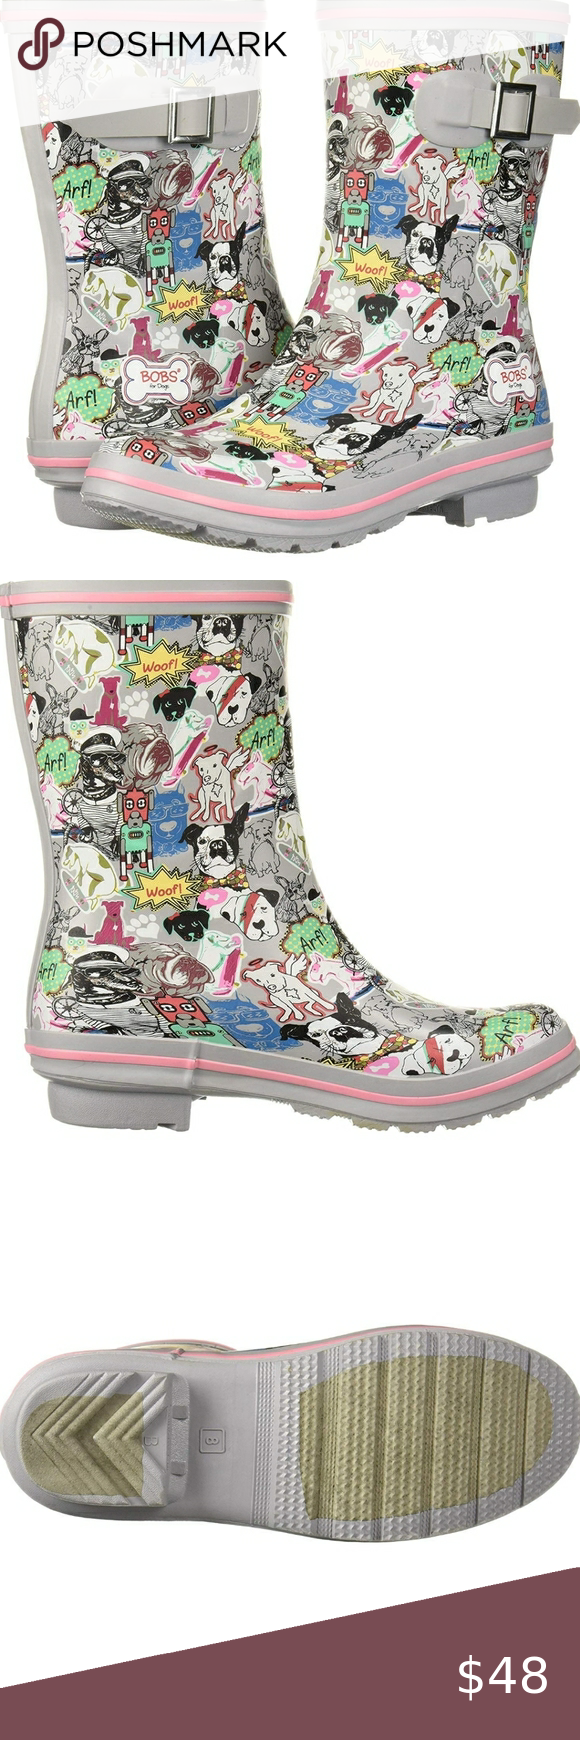 Bobs by skechers rain boots women's